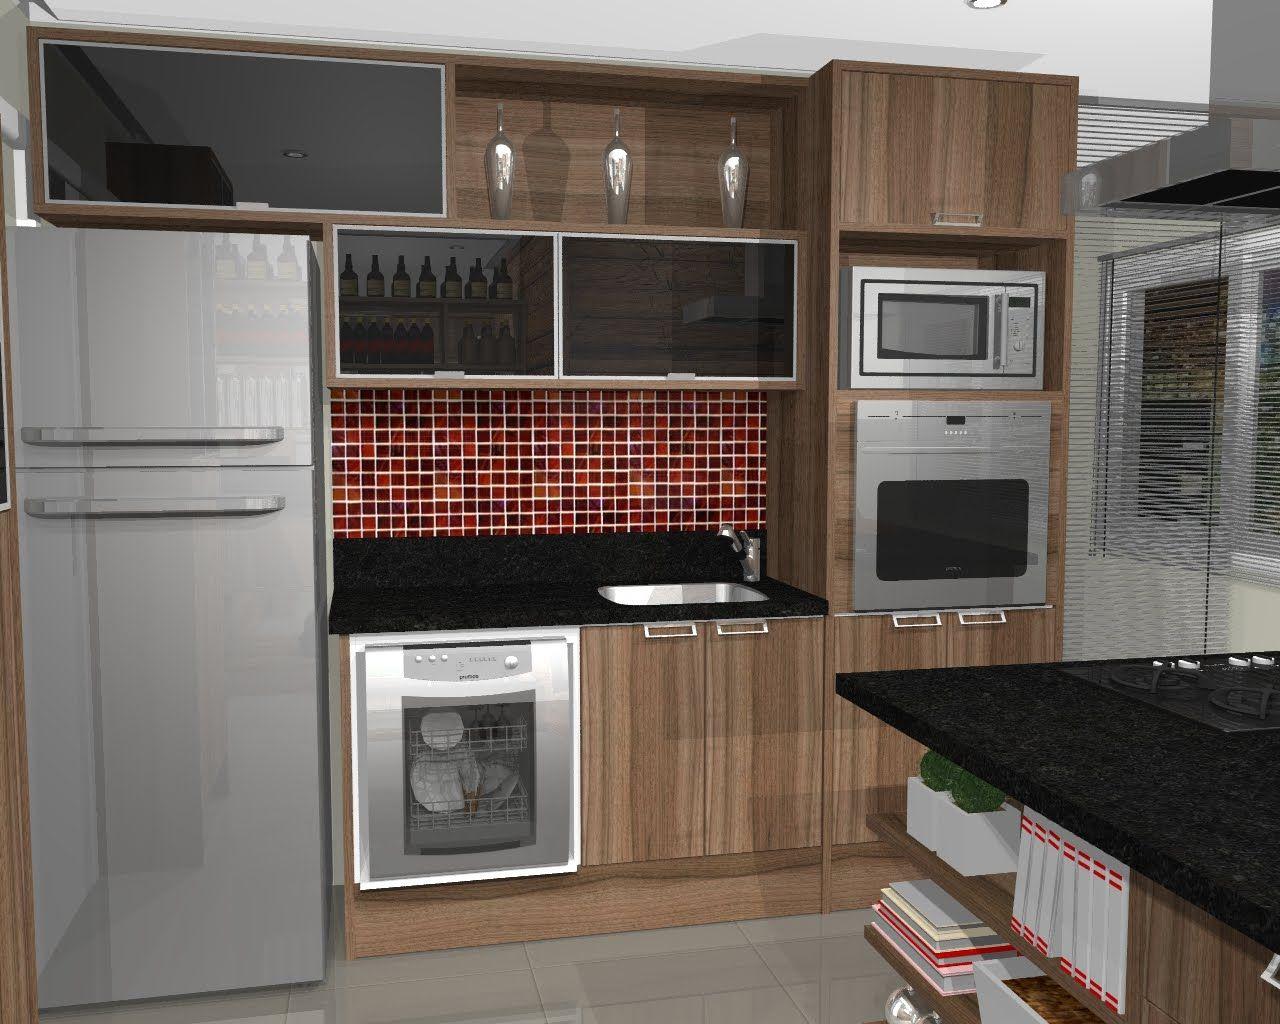 Cozinha Planejada Americana Compact 11 Ideas Cocina Pinterest